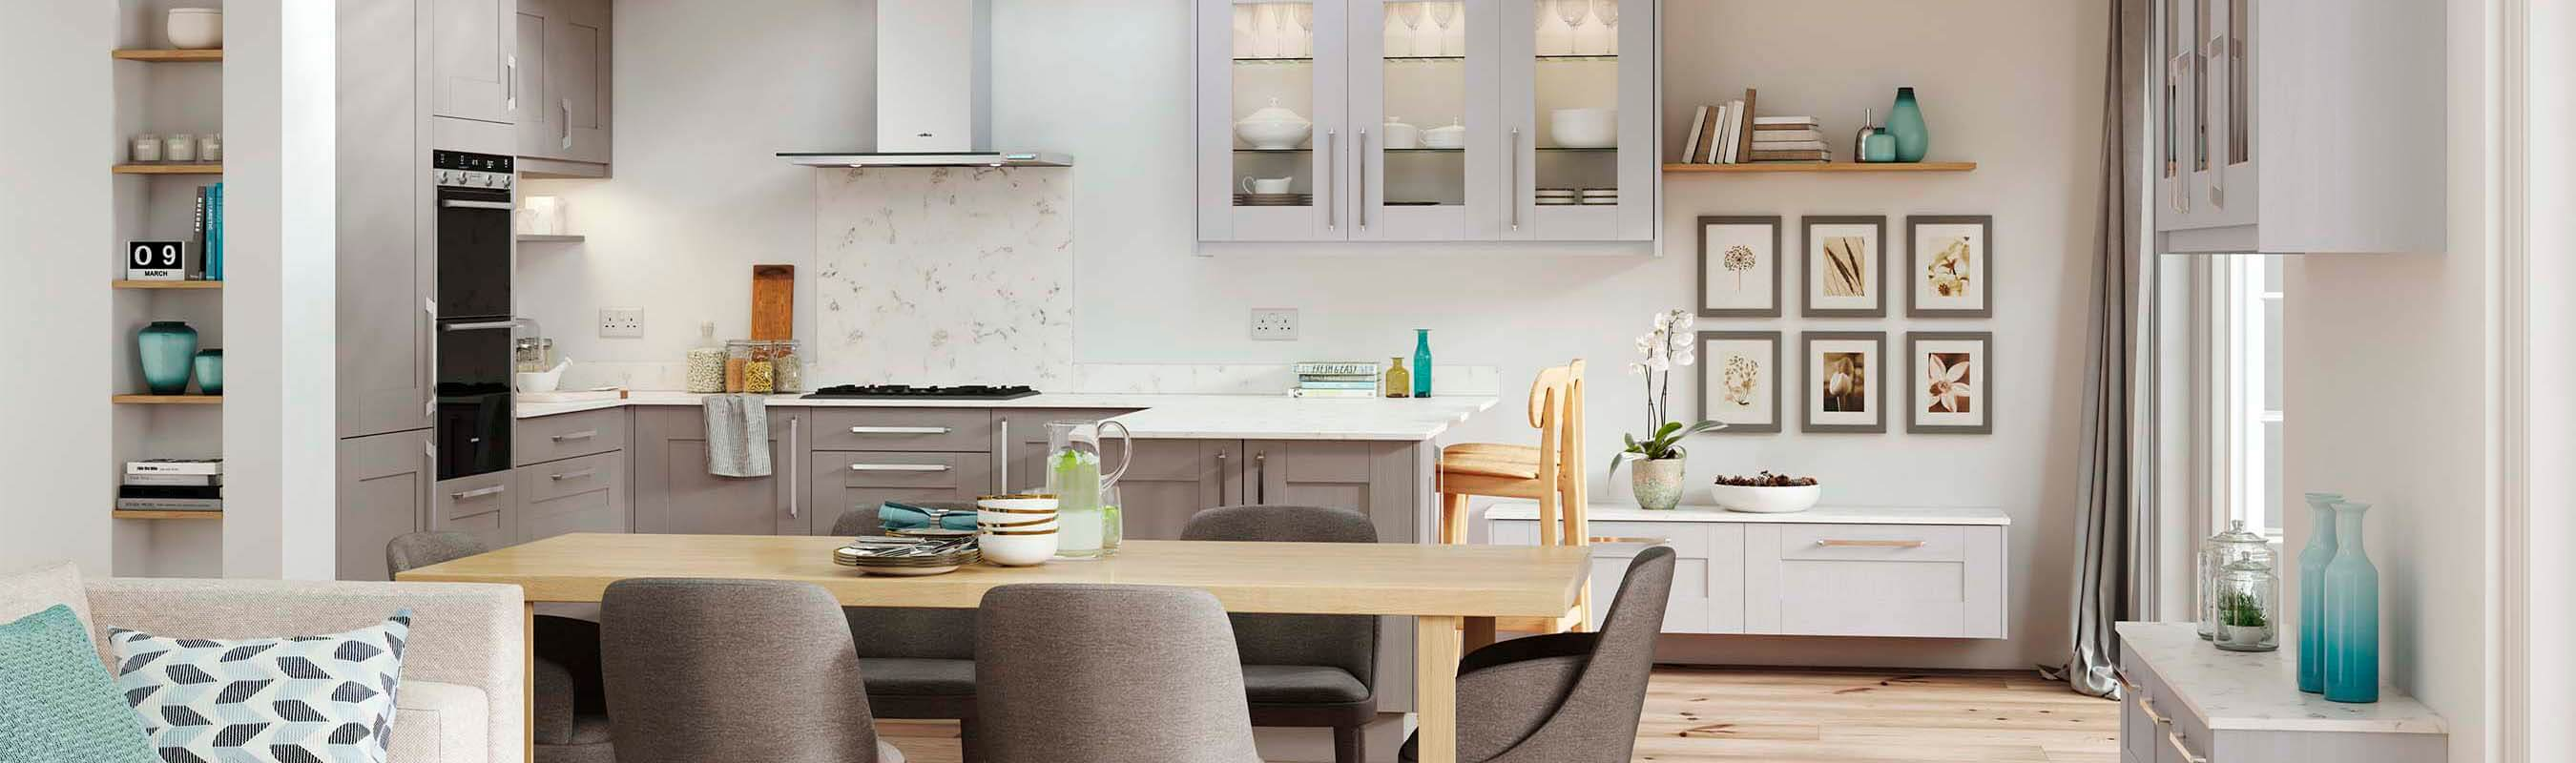 kitchen gallery 1 - wadebridge kitchens